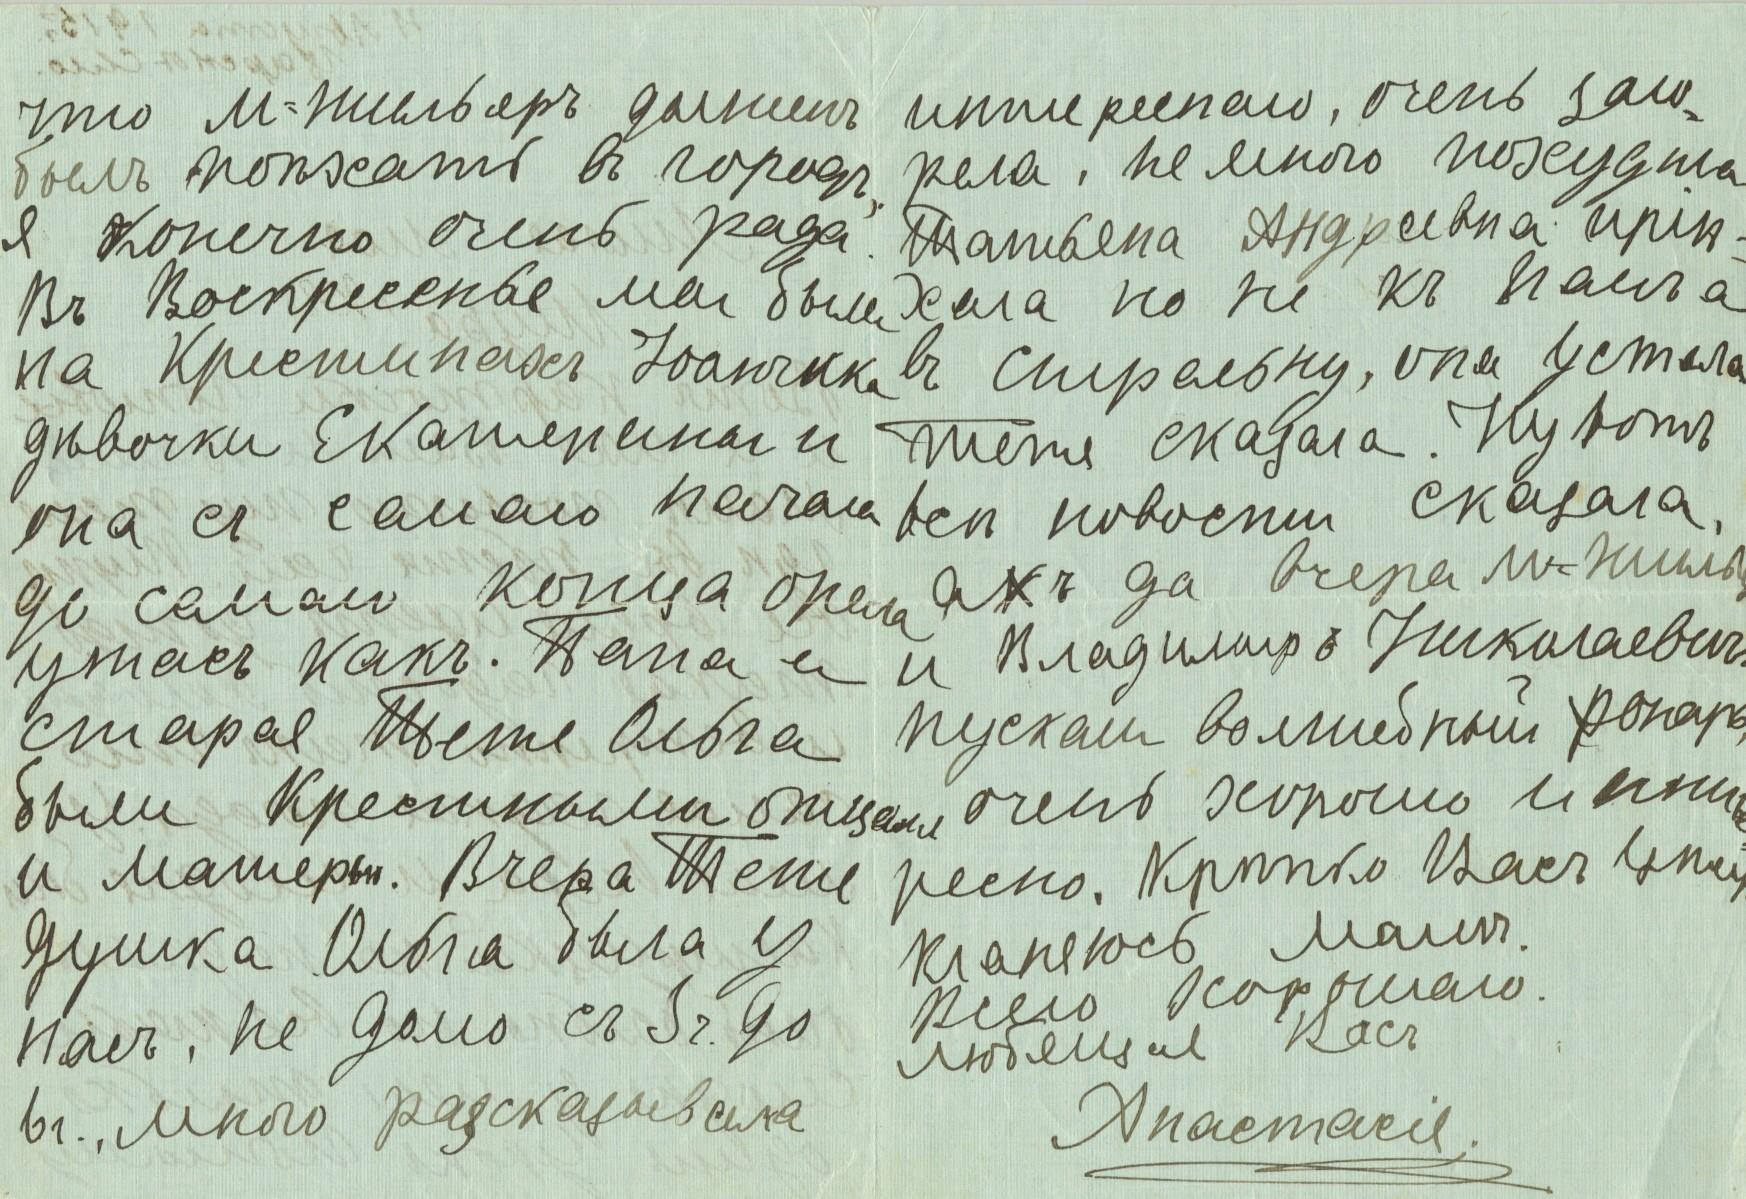 ANASTASIA NIKOLAEVNA ROMANOVA: (1901-1918) Grand Duchess of Russia.